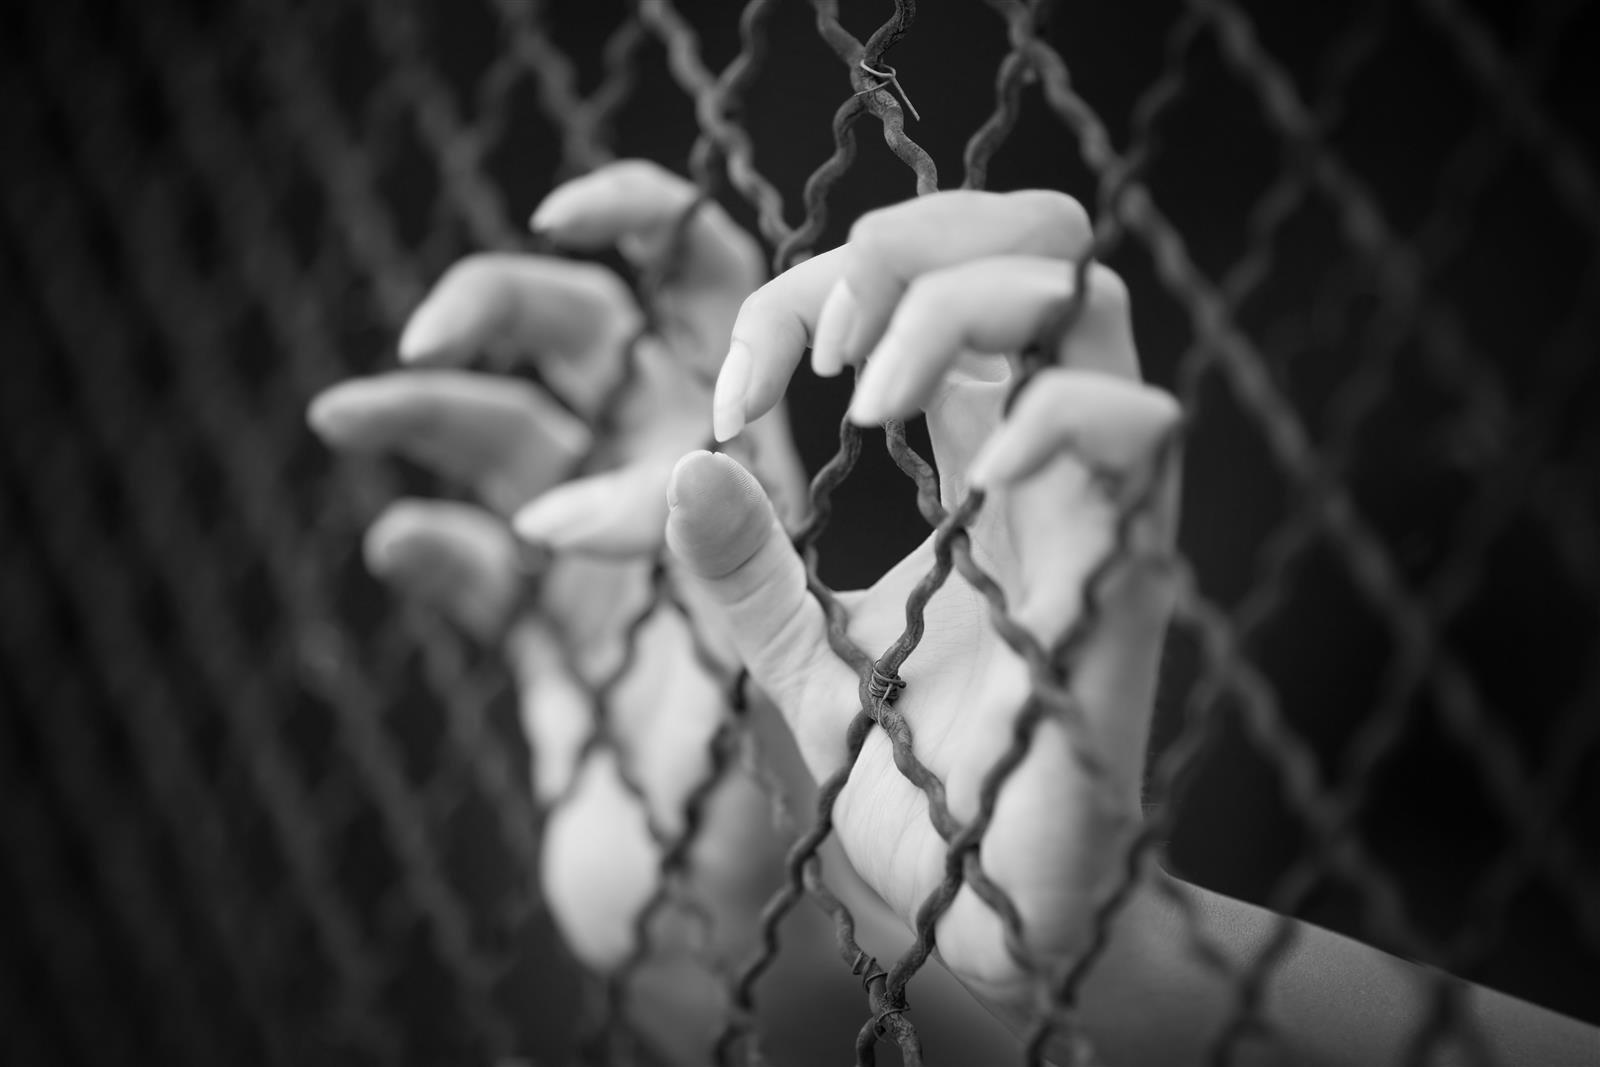 Гражданка Узбекистана сумела вернуться на Родину после двух лет сексуального рабства